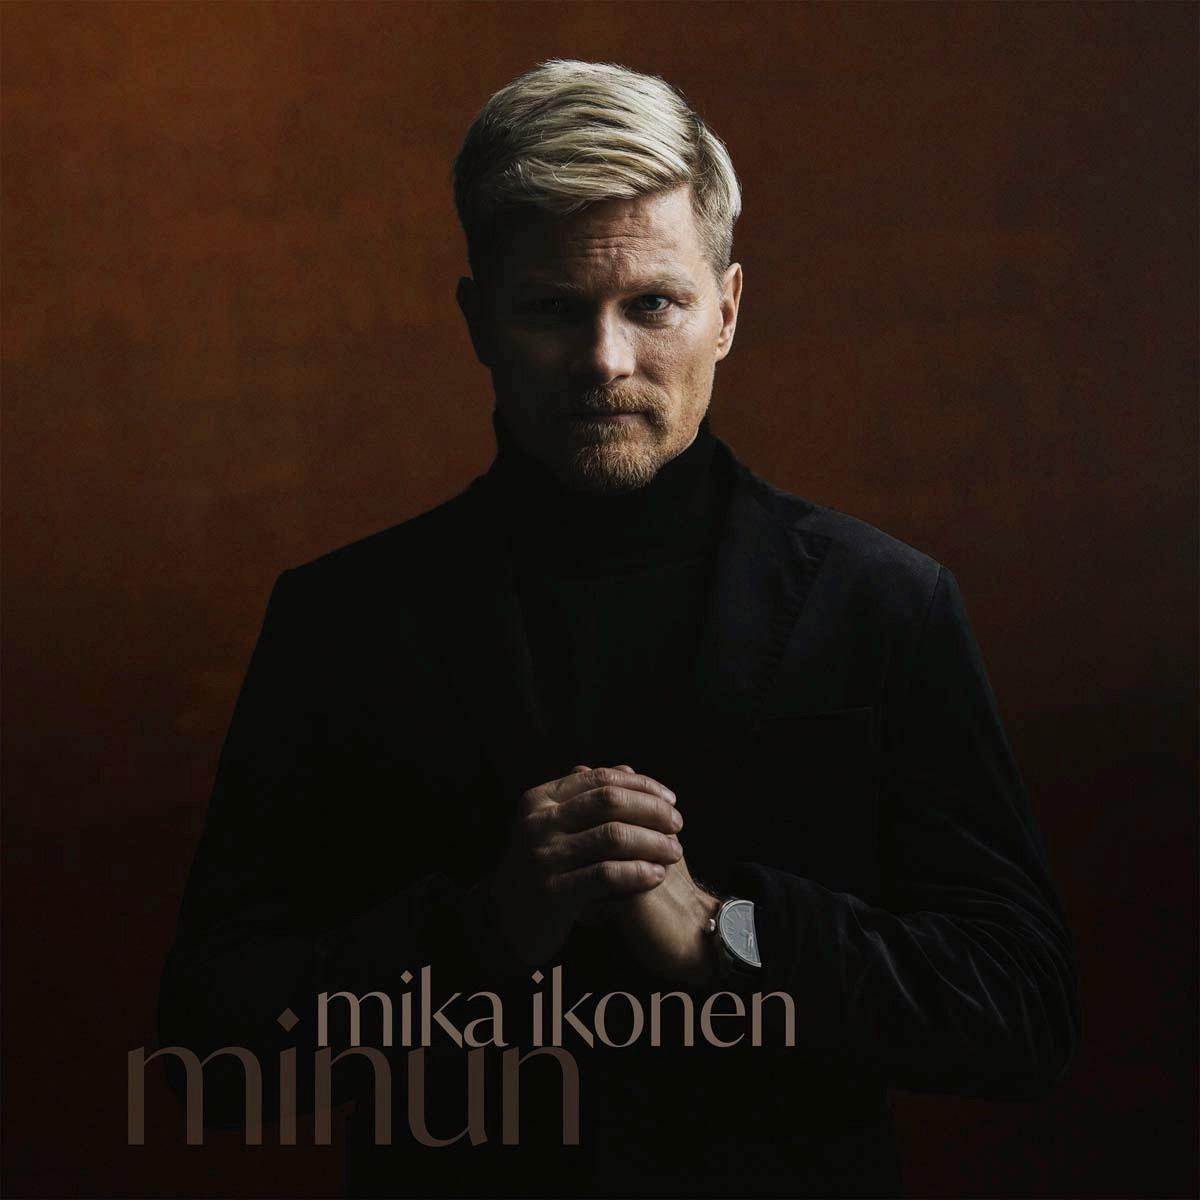 """MIKA IKONEN: """"Minun-albumi esittelee erilaisen puolen minusta ihmisenä ja lakunkirjoittajana"""" – julkaisu pe 7.5.2021"""